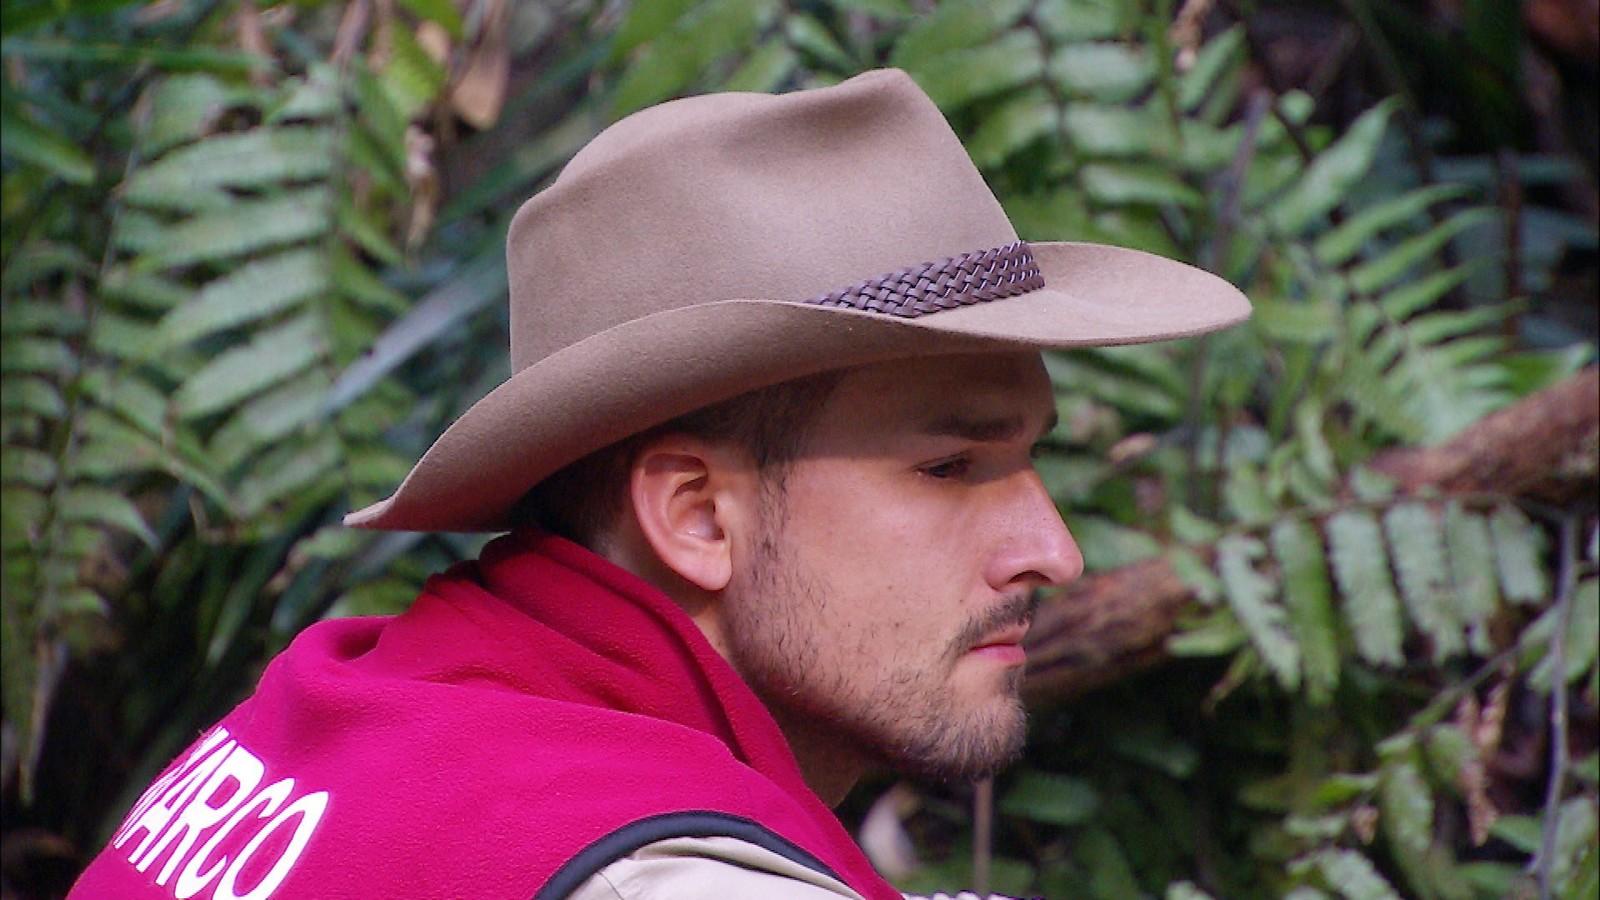 Marco Cerullo im Dschungelcamp